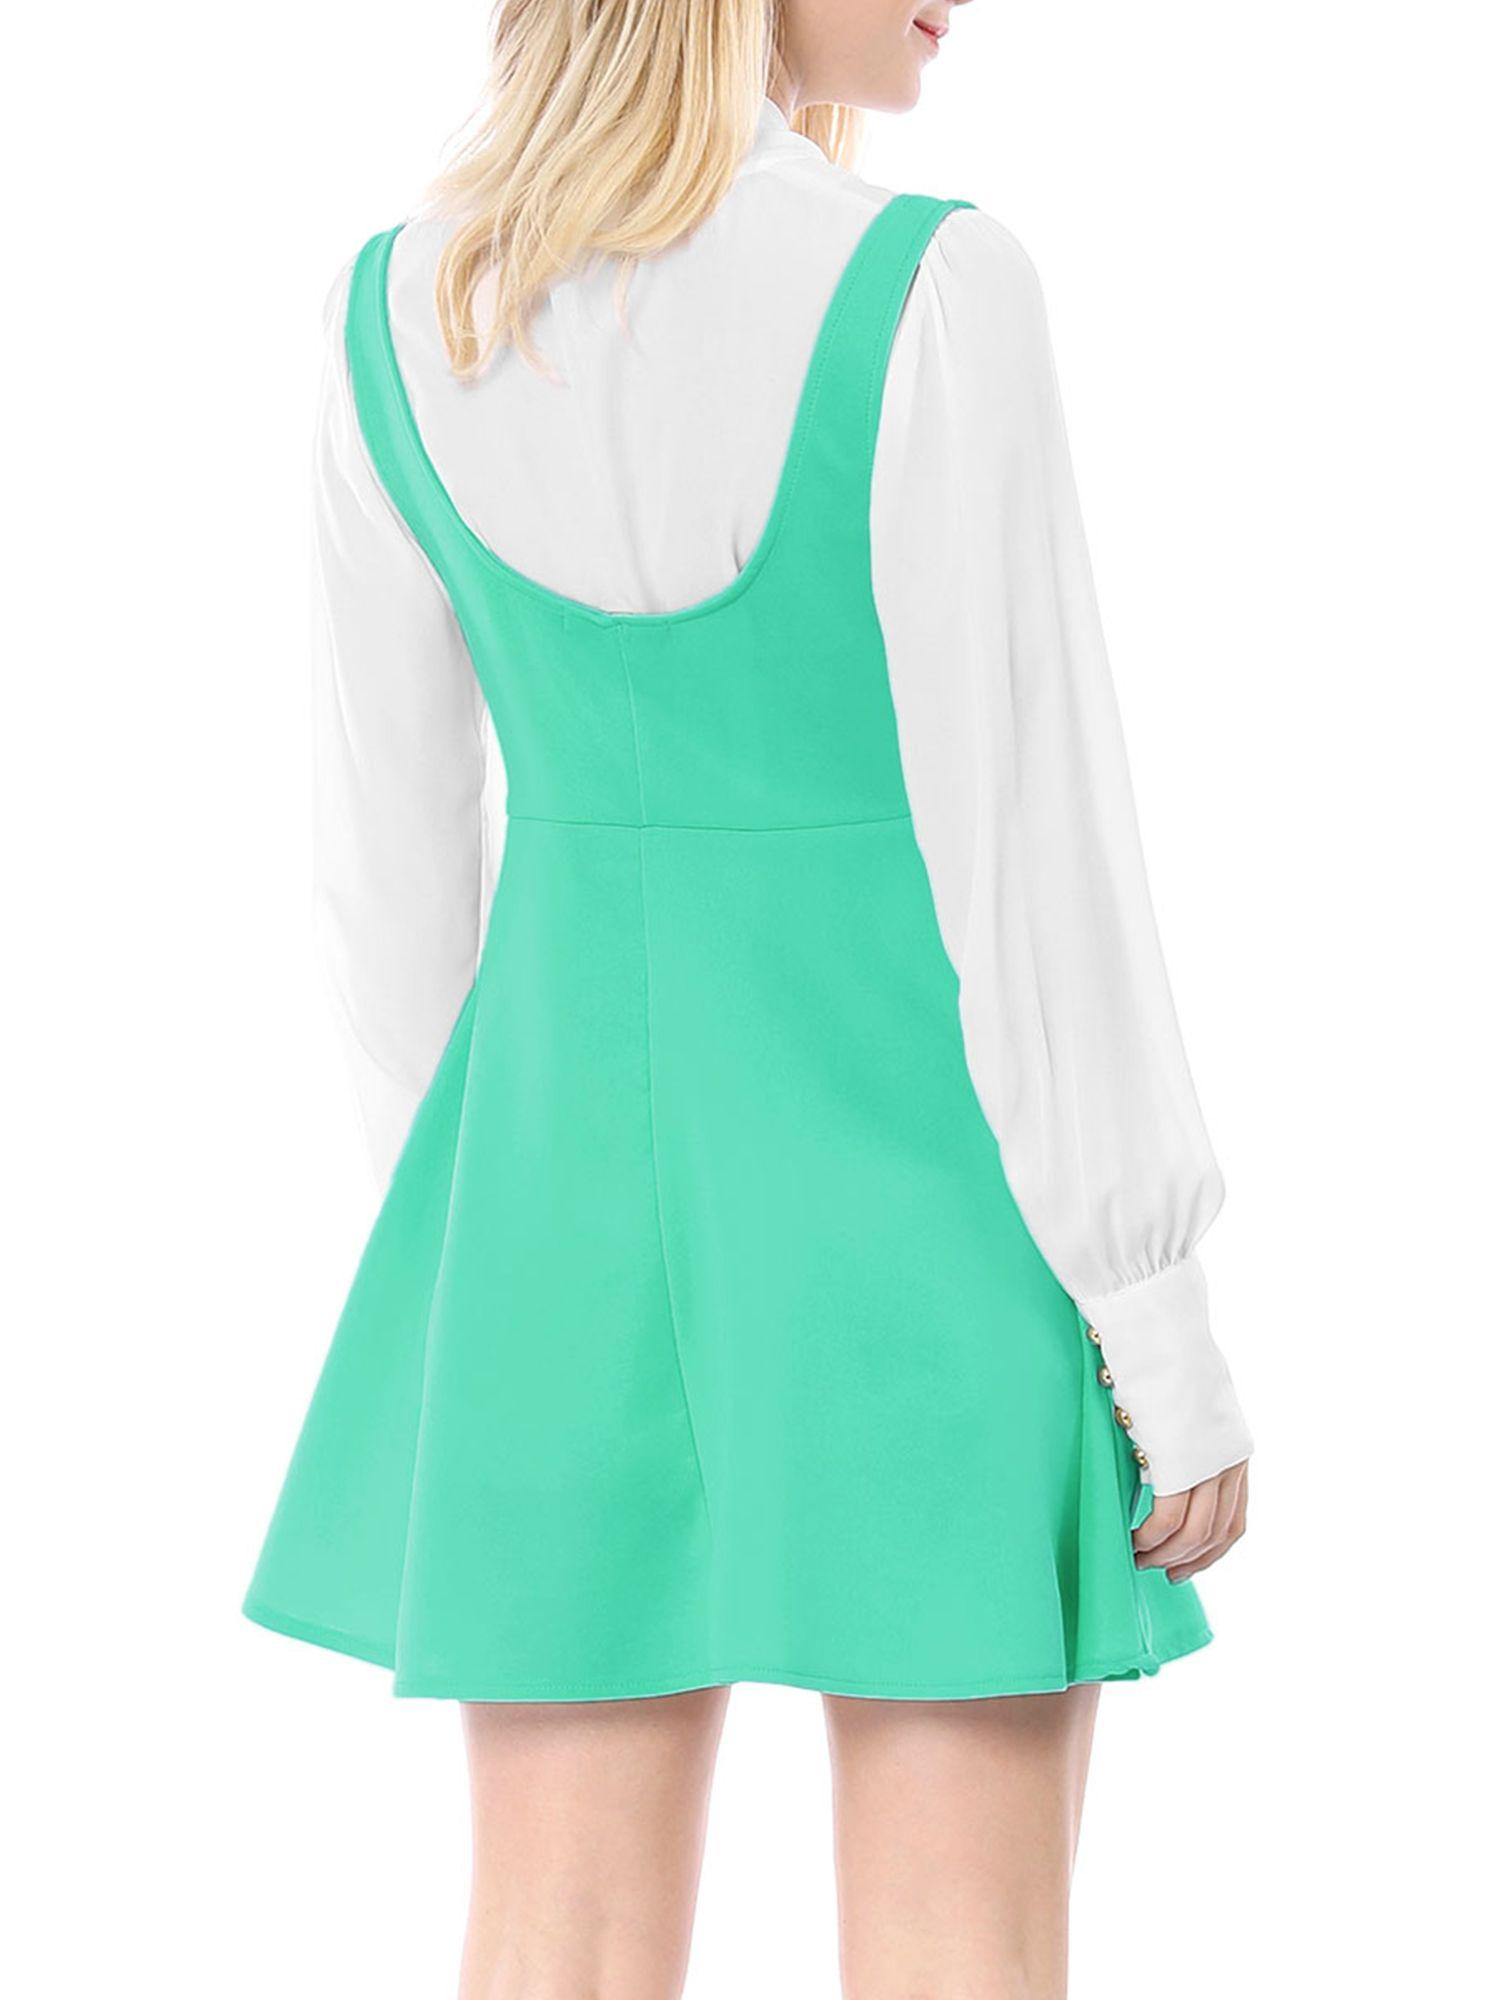 Unique Bargains Unique Bargains Women S Above Knee Flared Hem Suspender Skirt Dress Walmart Com Hem Dress Dresses Casual Winter Suspender Dress [ 2000 x 1500 Pixel ]